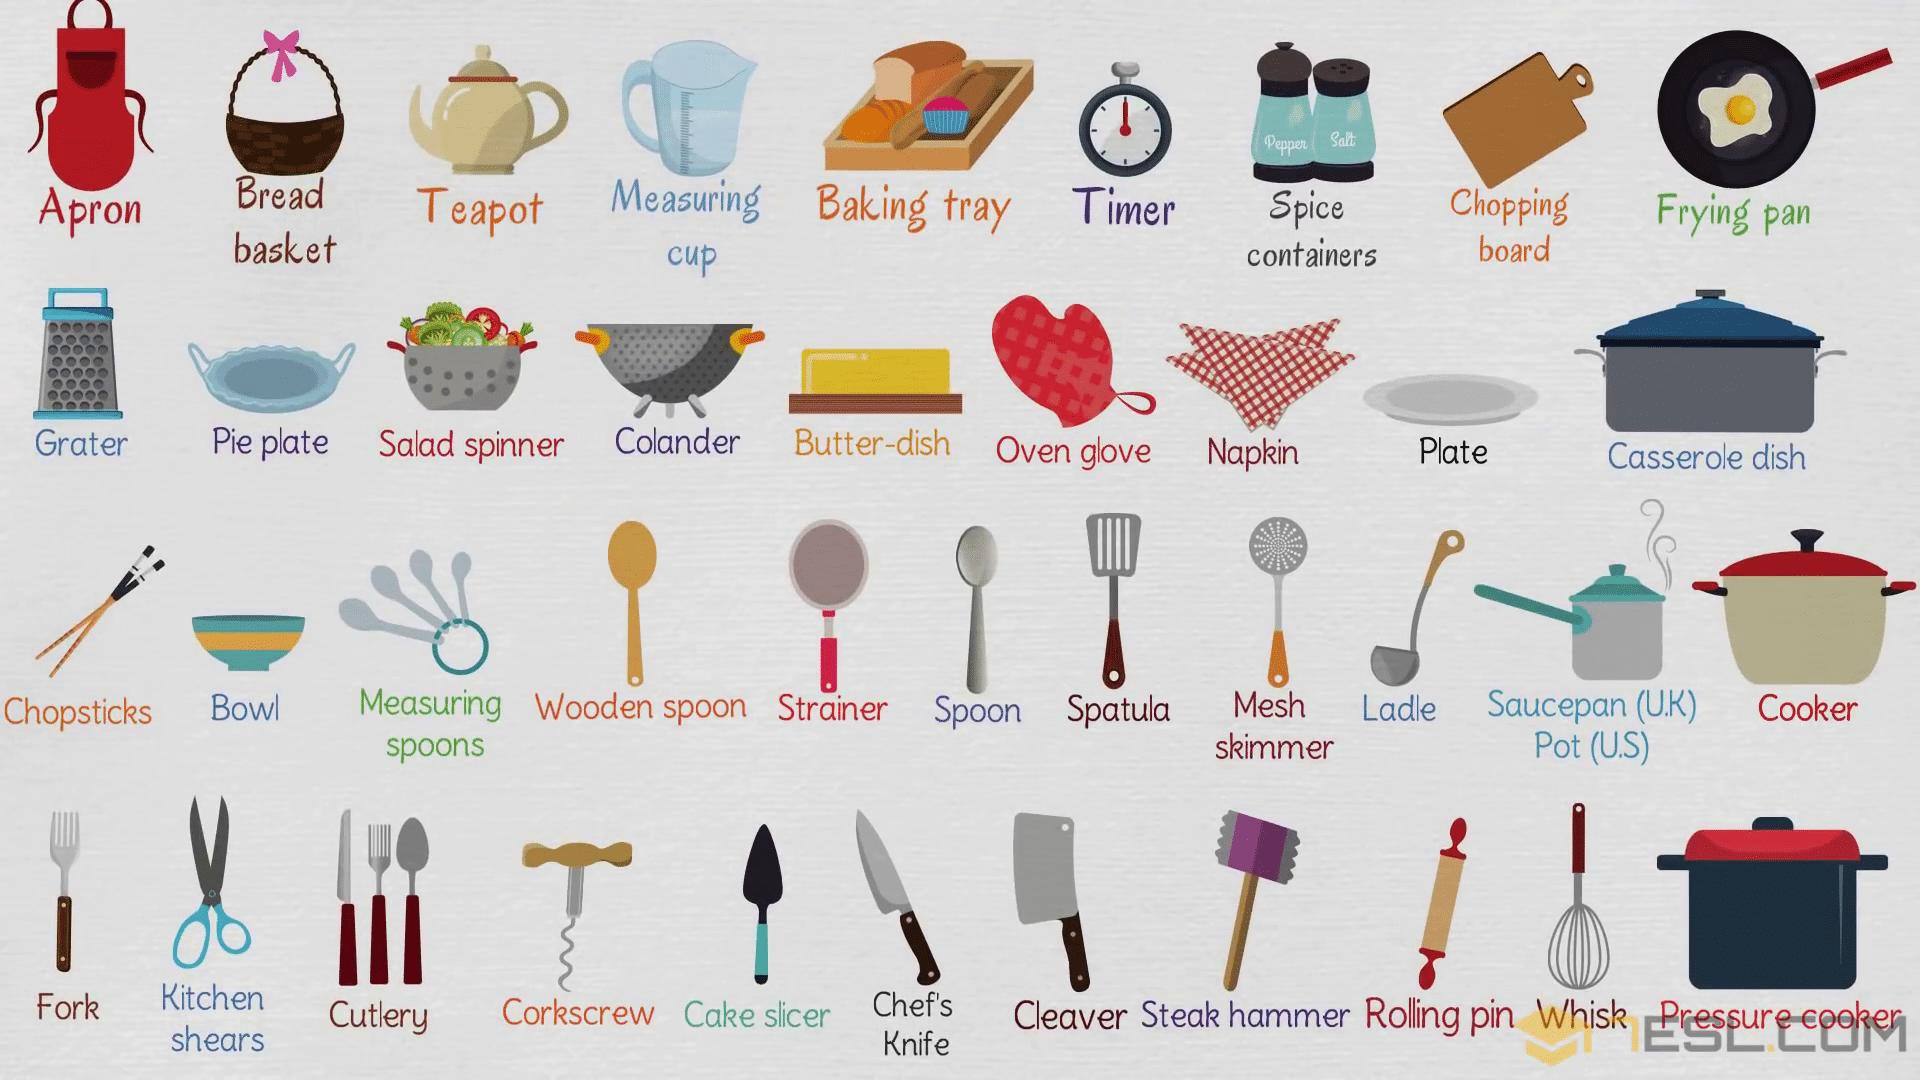 Кухонные приборы по английский с картинкой сделать селфи